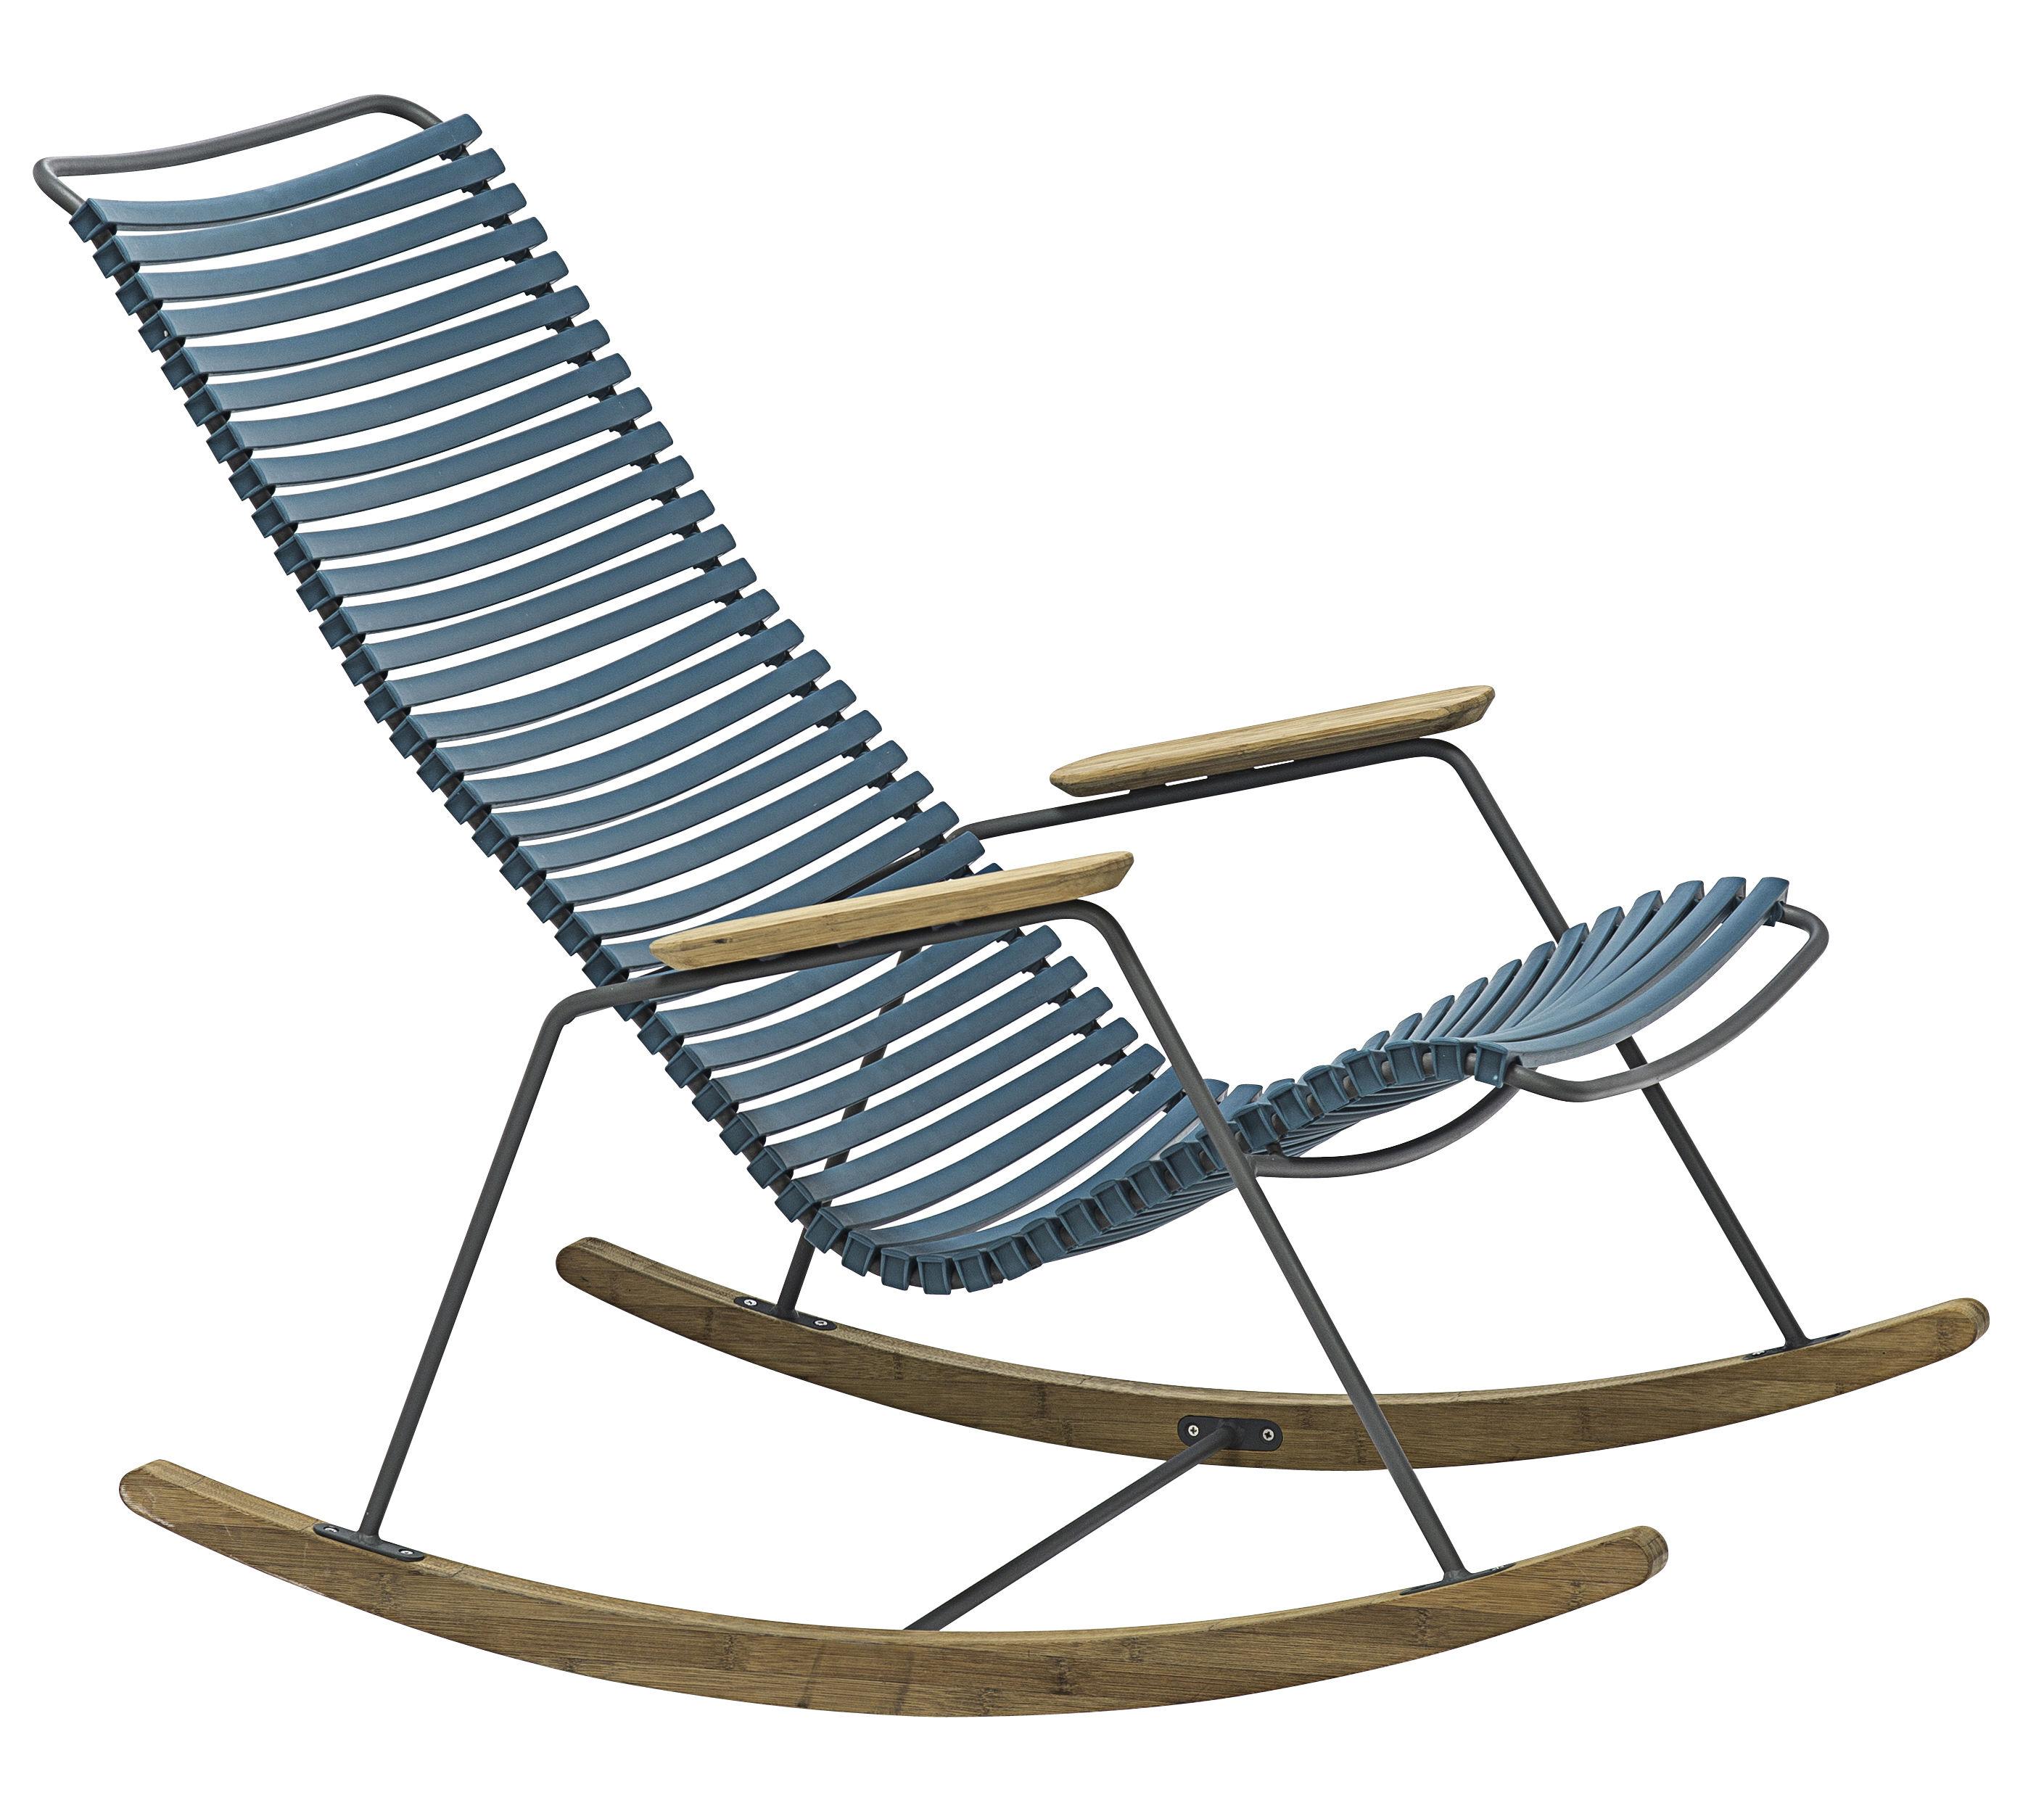 Jardin - Chaises et fauteuils hauts - Rocking chair Click / Plastique & bambou - Houe - Bleu pétrole - Bambou, Matière plastique, Métal